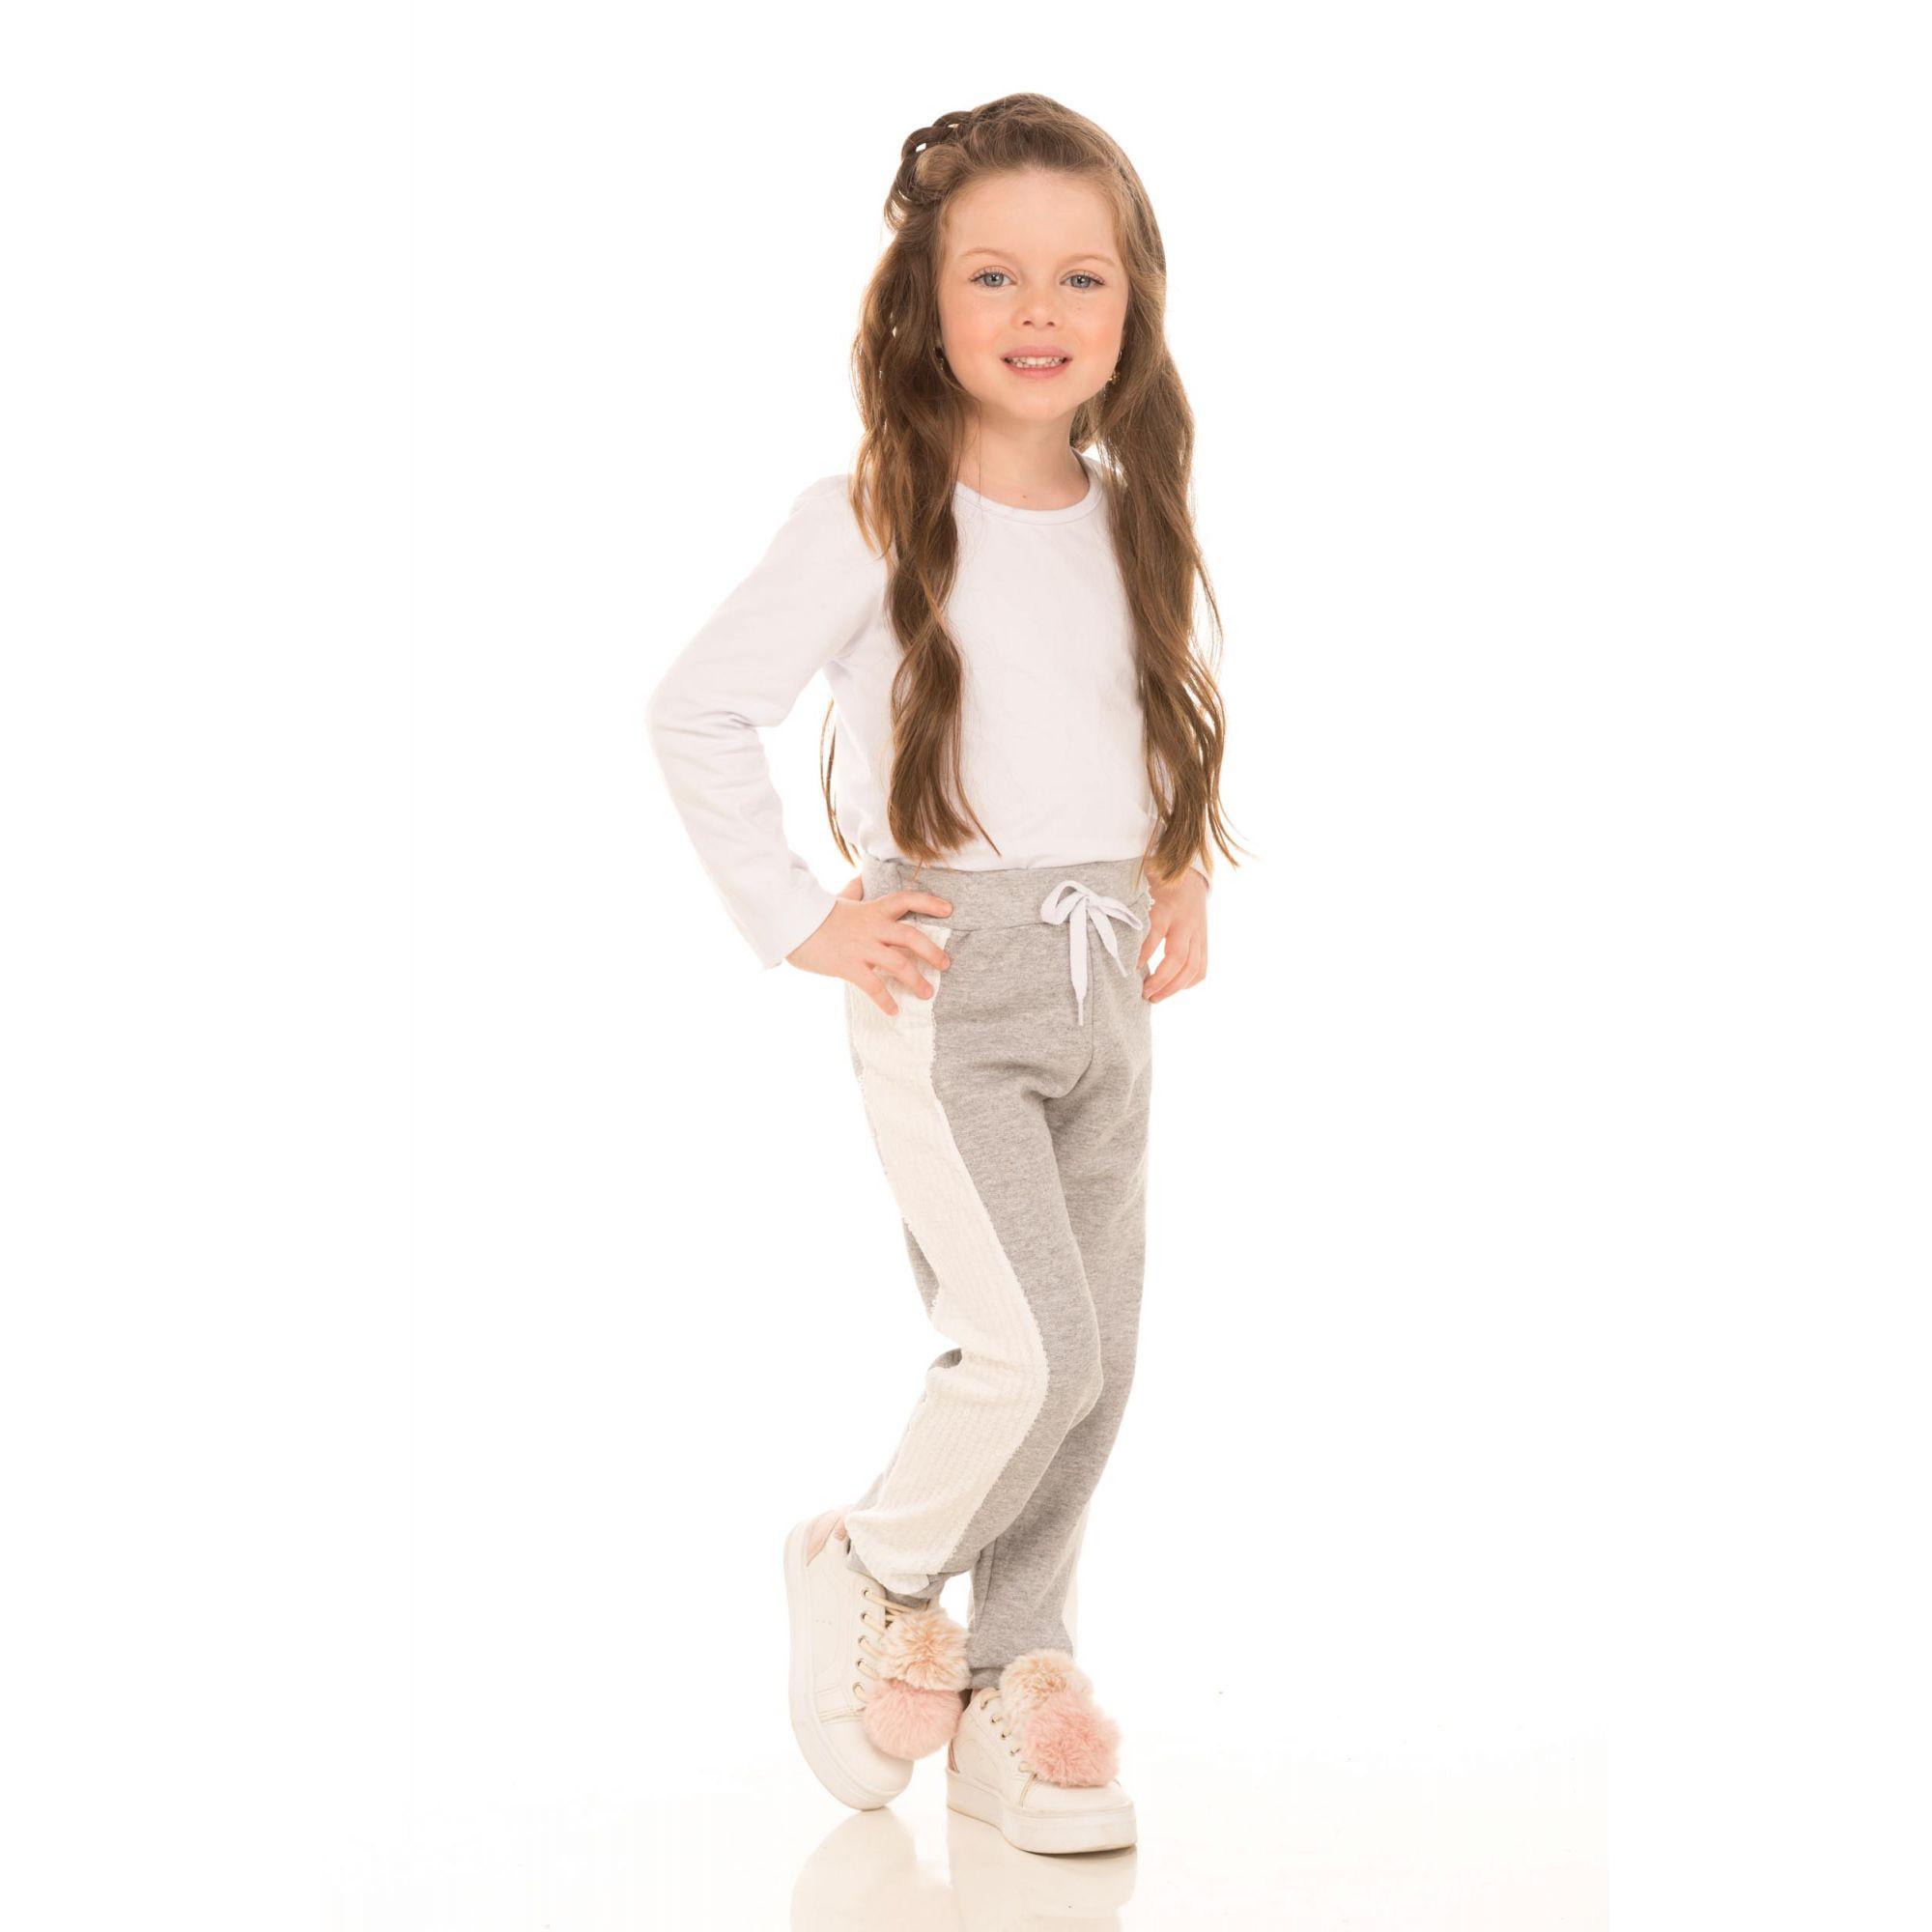 Calça Feminina Jogger Moletom com Recorte Paetê Branco - Ralakids